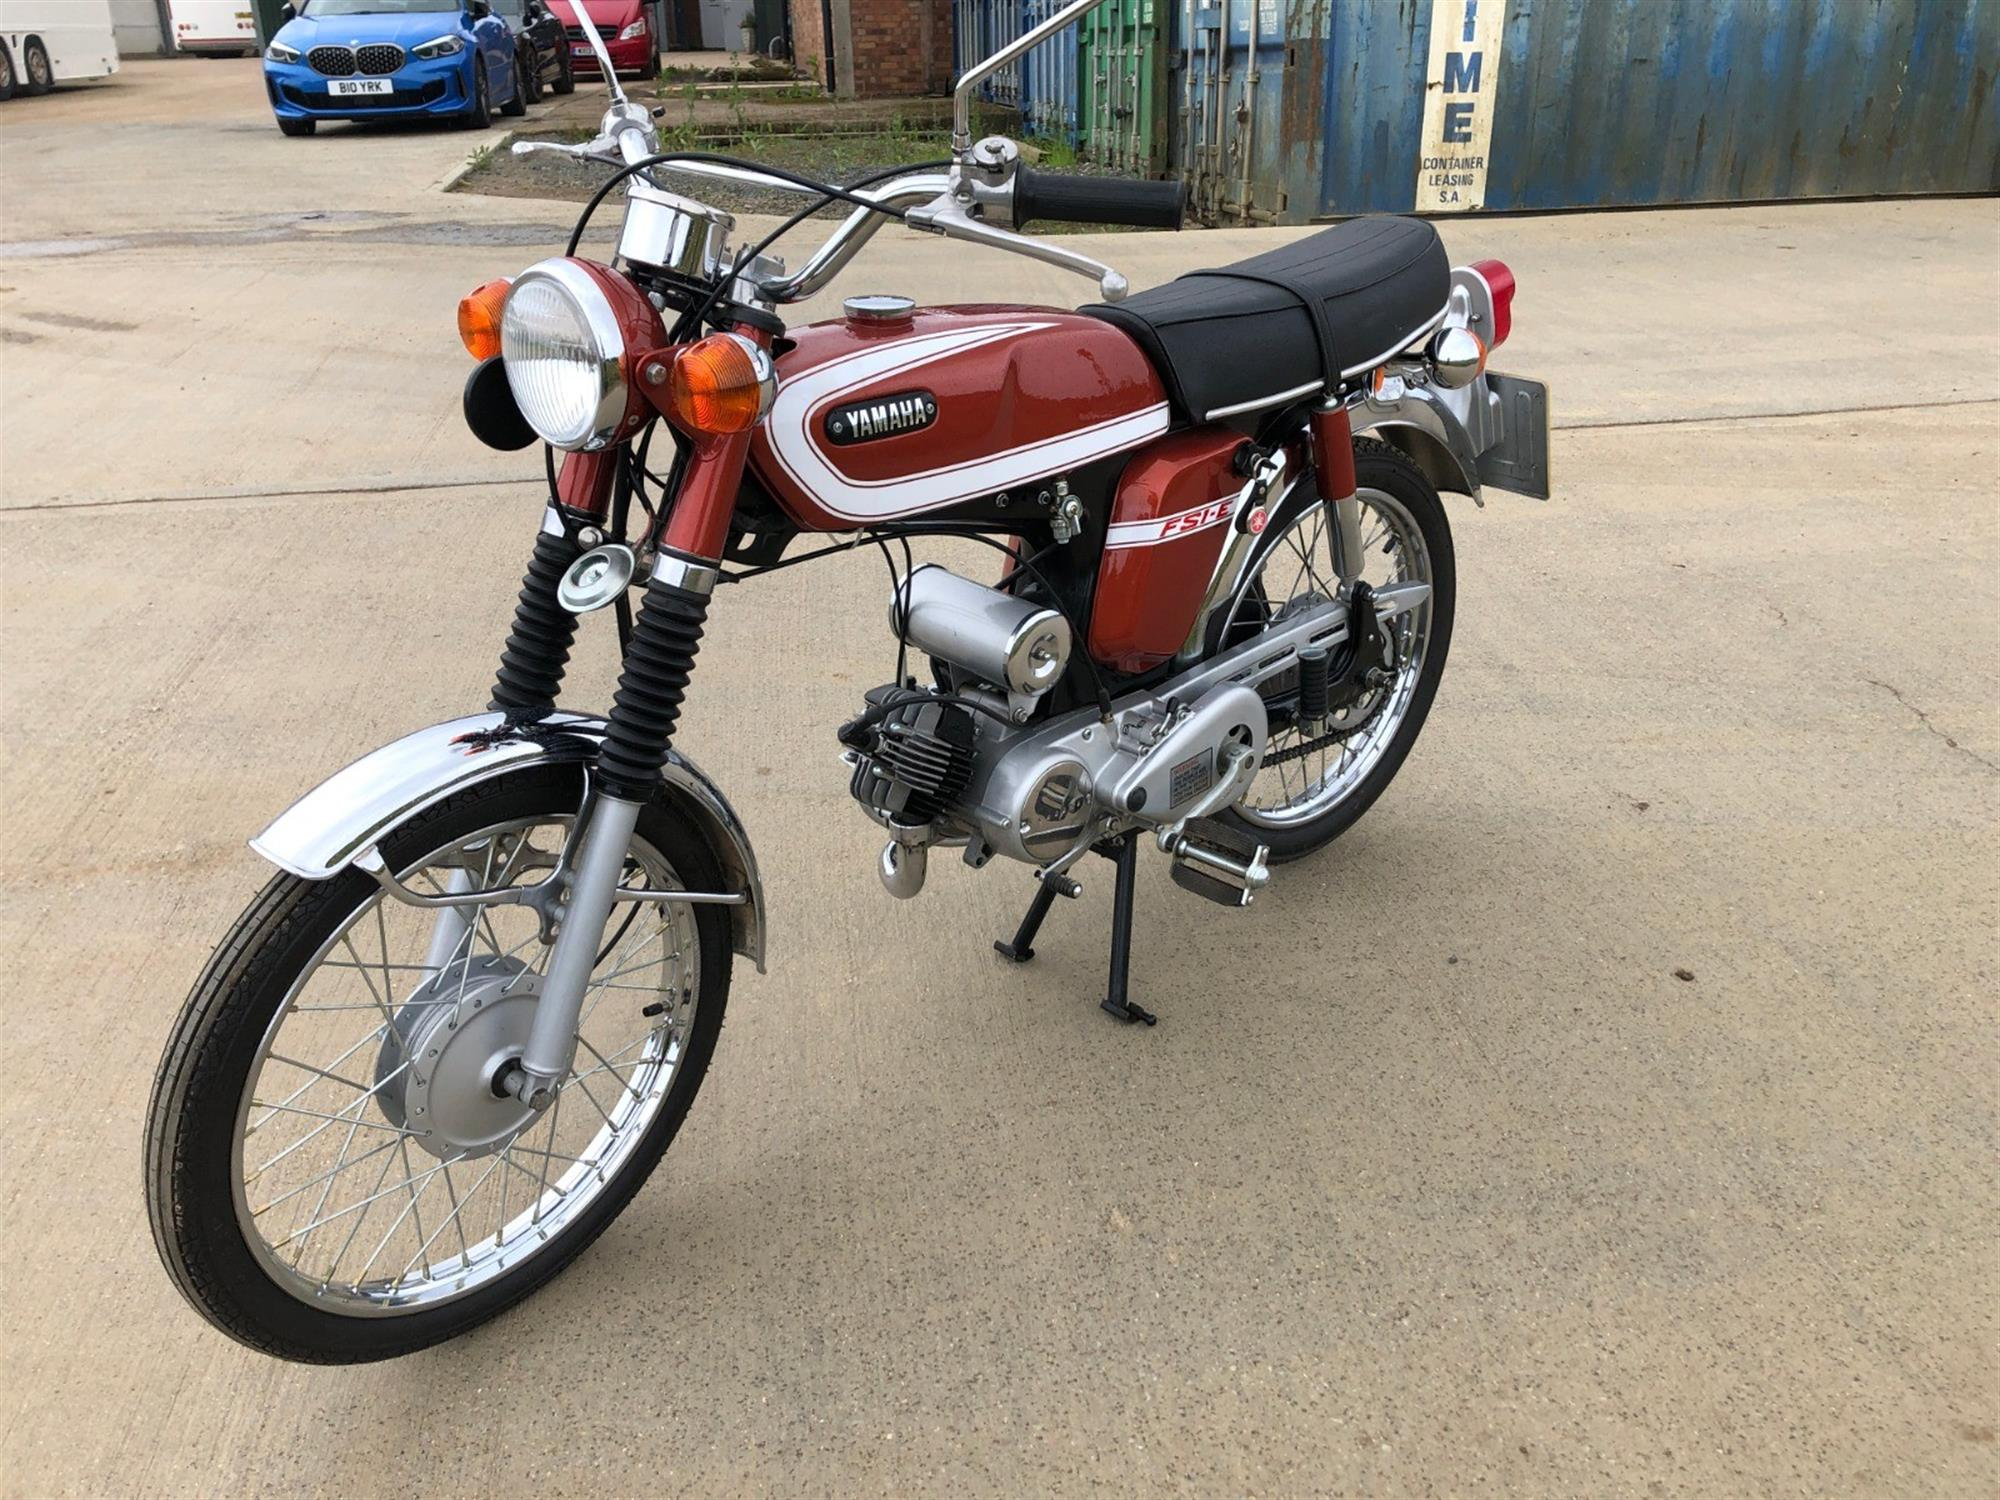 1977 Yamaha FS1-E - Image 6 of 8